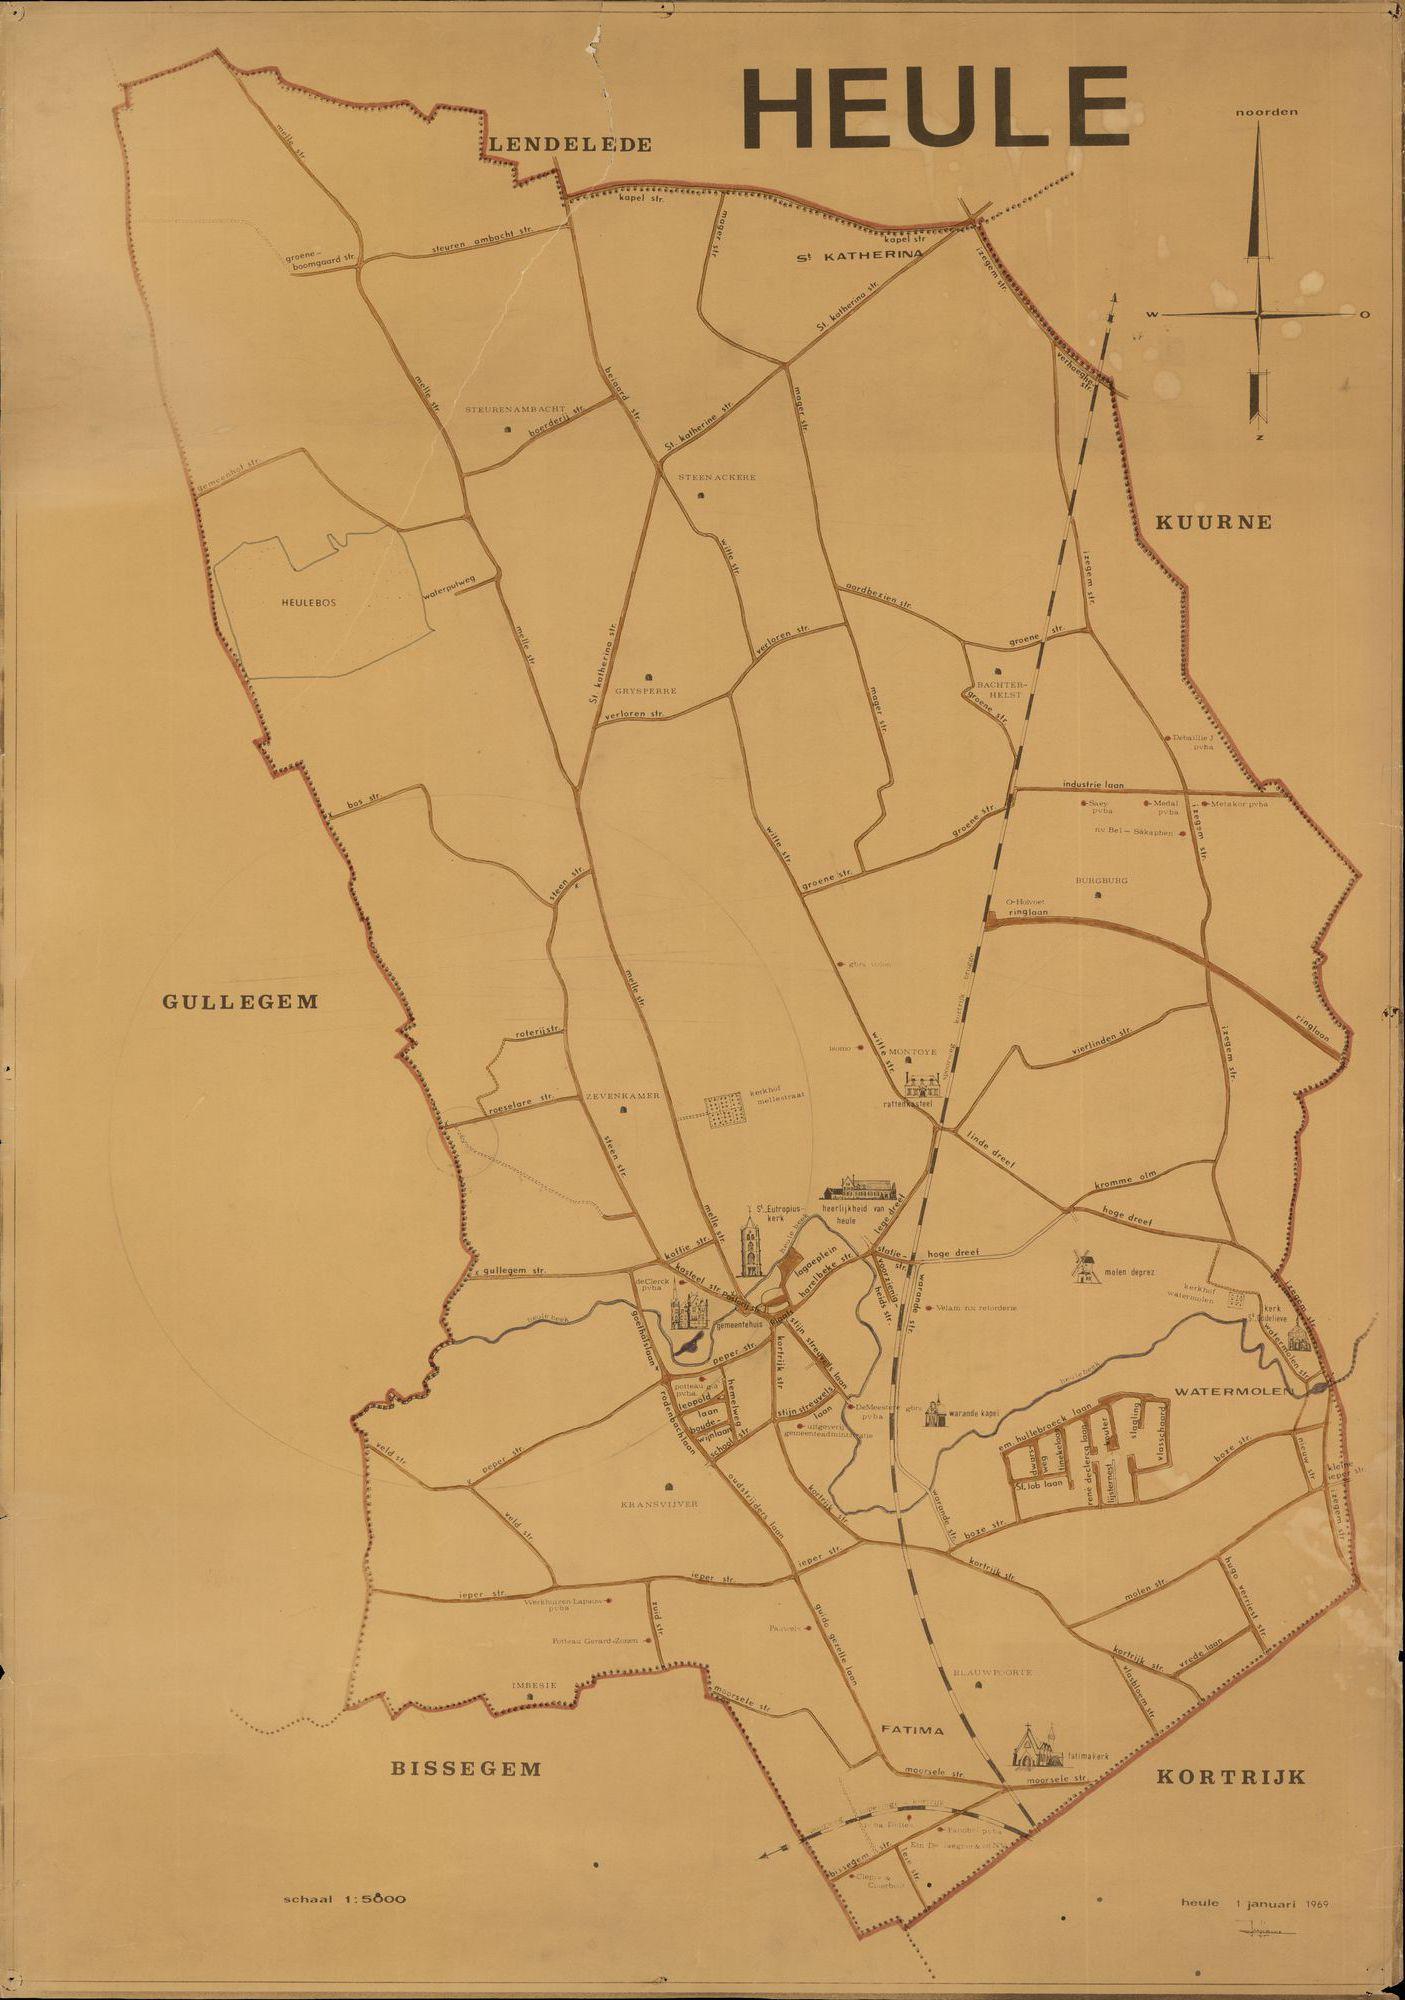 Kaart van Heule, 1969